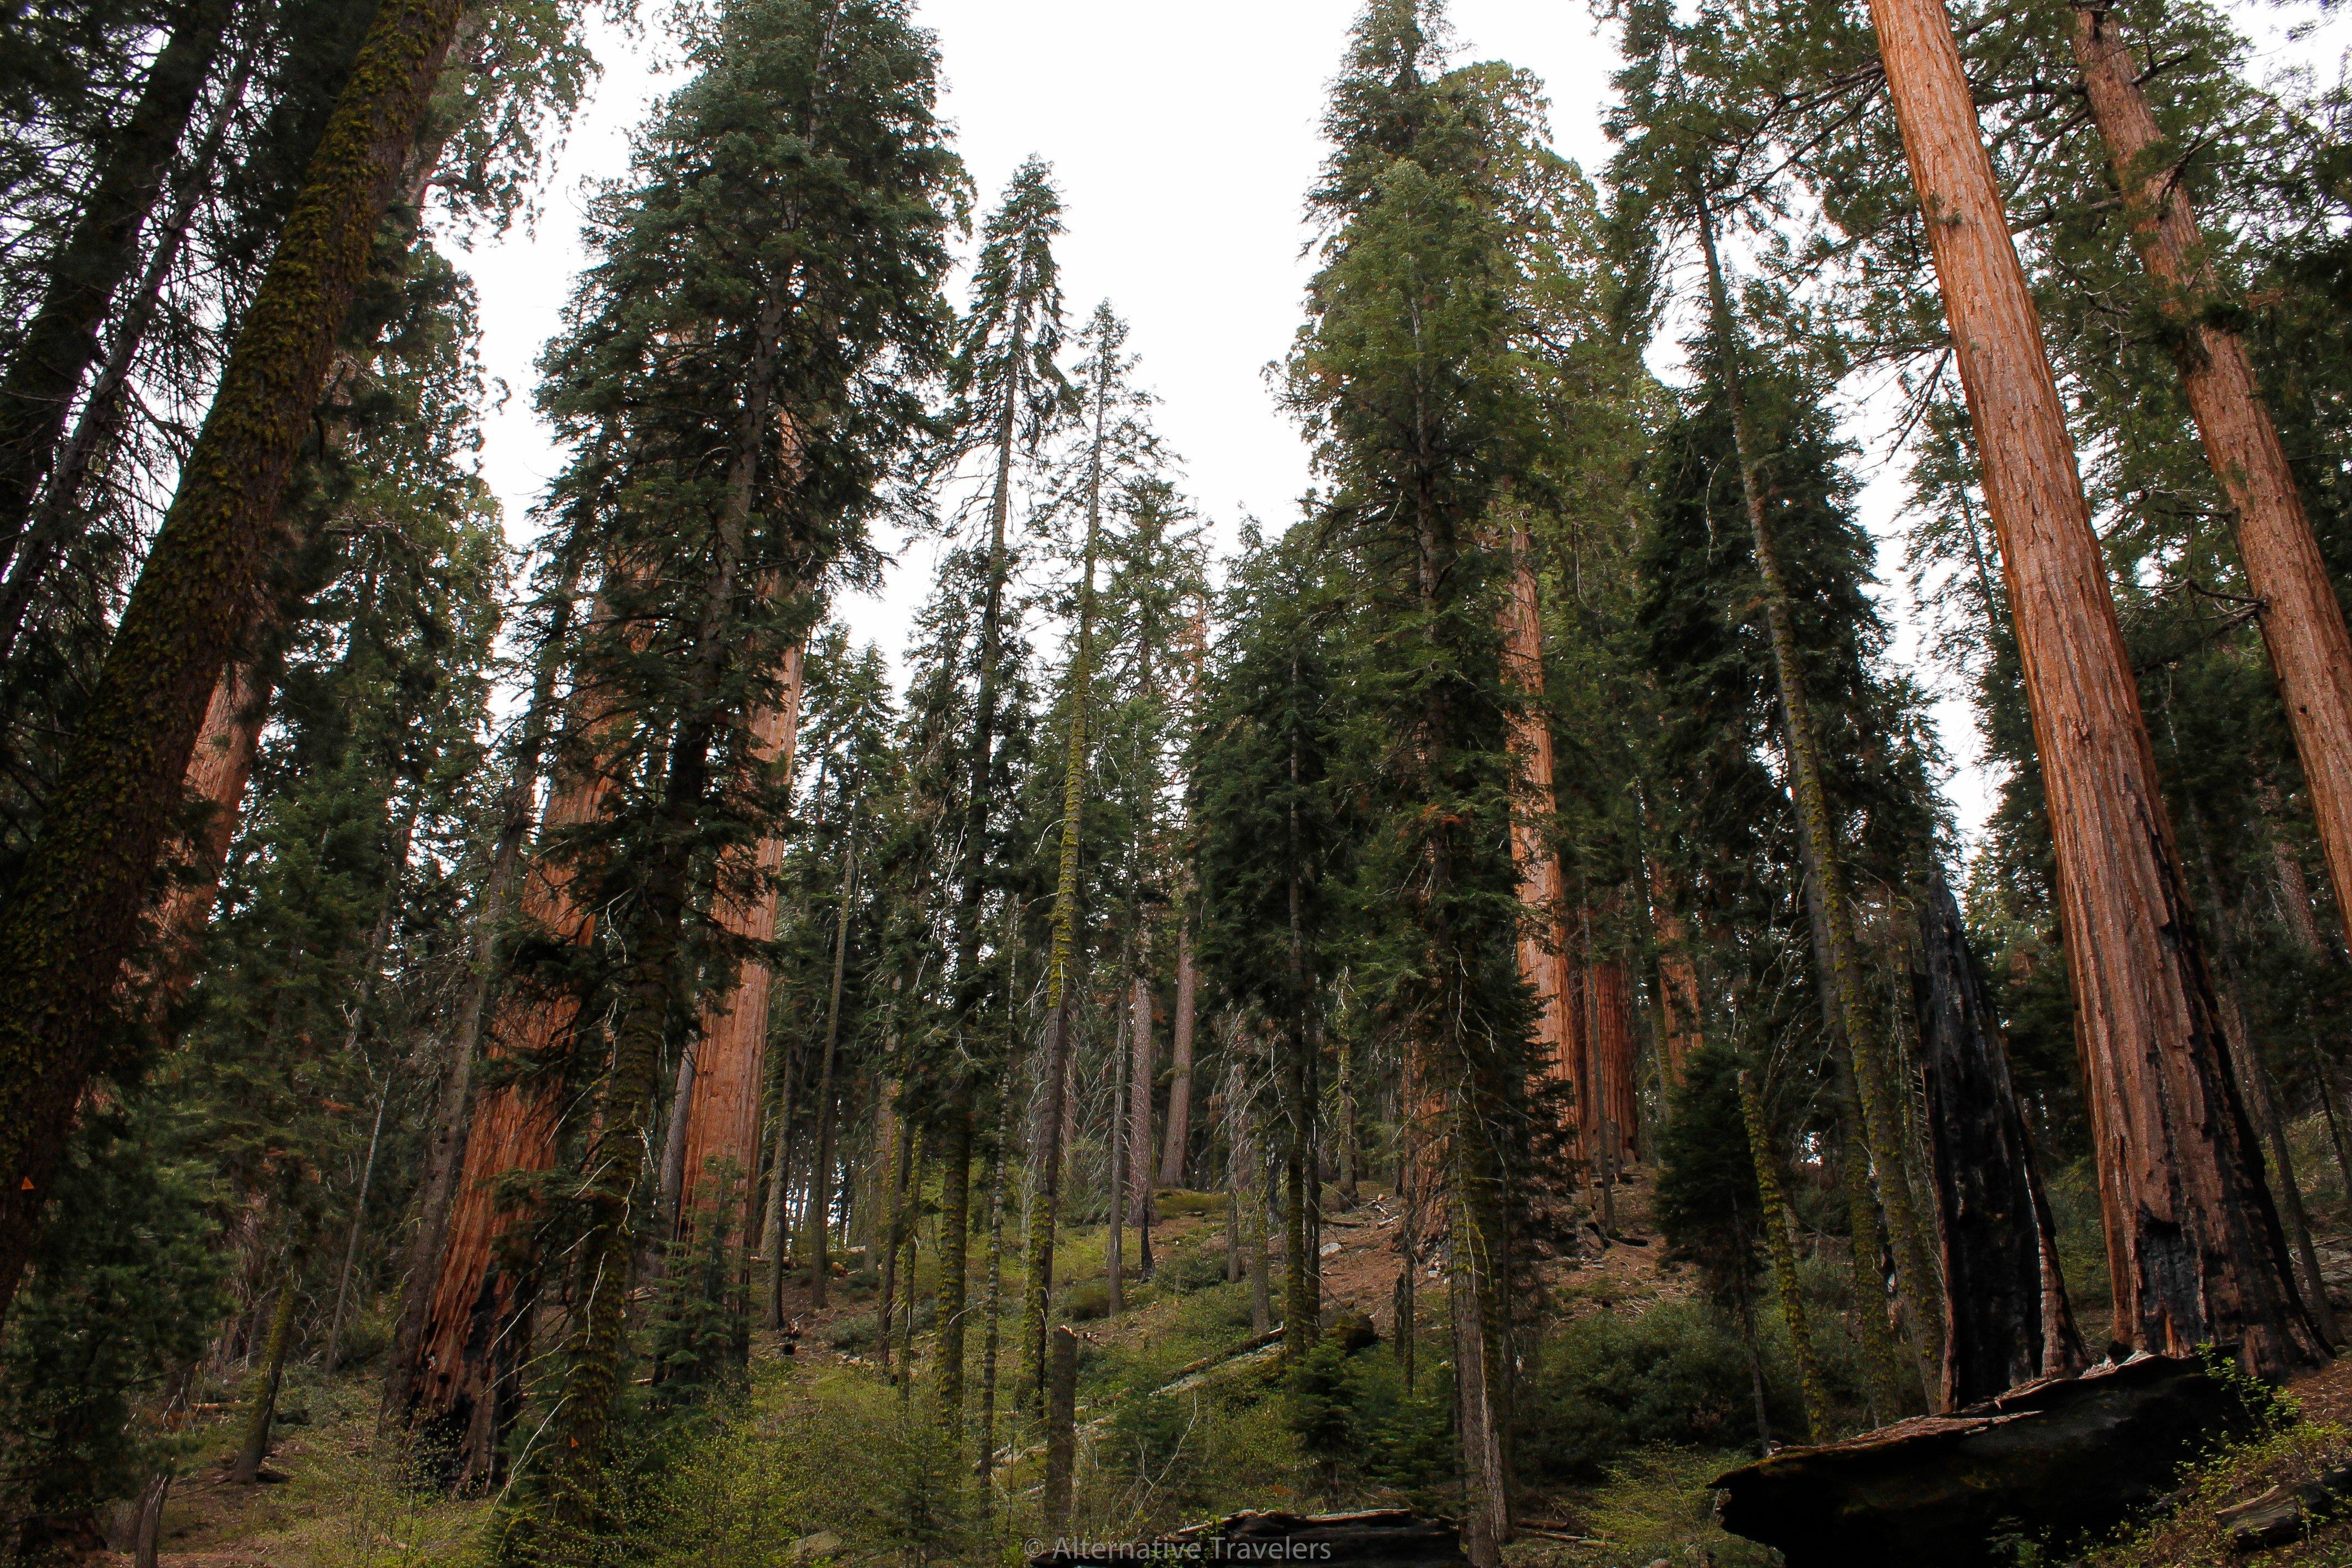 Trees in Sequoia National Park in California, United States - AlternativeTravelers.com